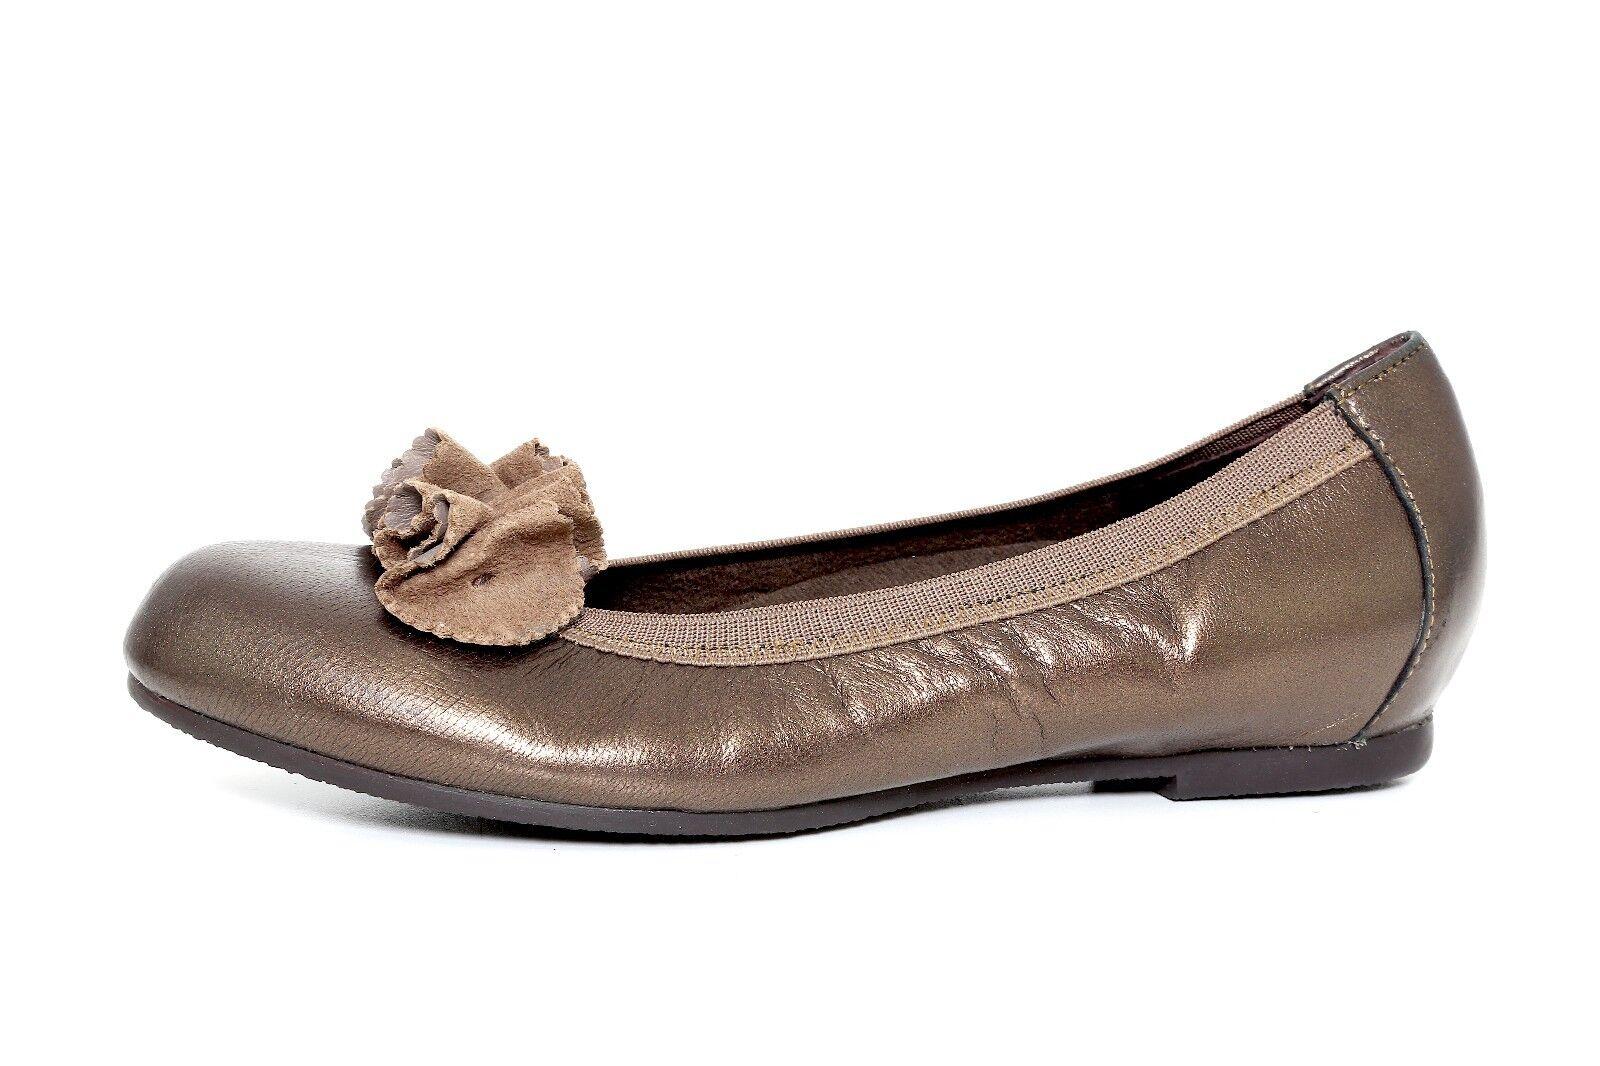 nuovo stile Munro Donna  Bronze Ruffled Ballet Flats 1073 1073 1073 Dimensione 6.5M  la vostra soddisfazione è il nostro obiettivo